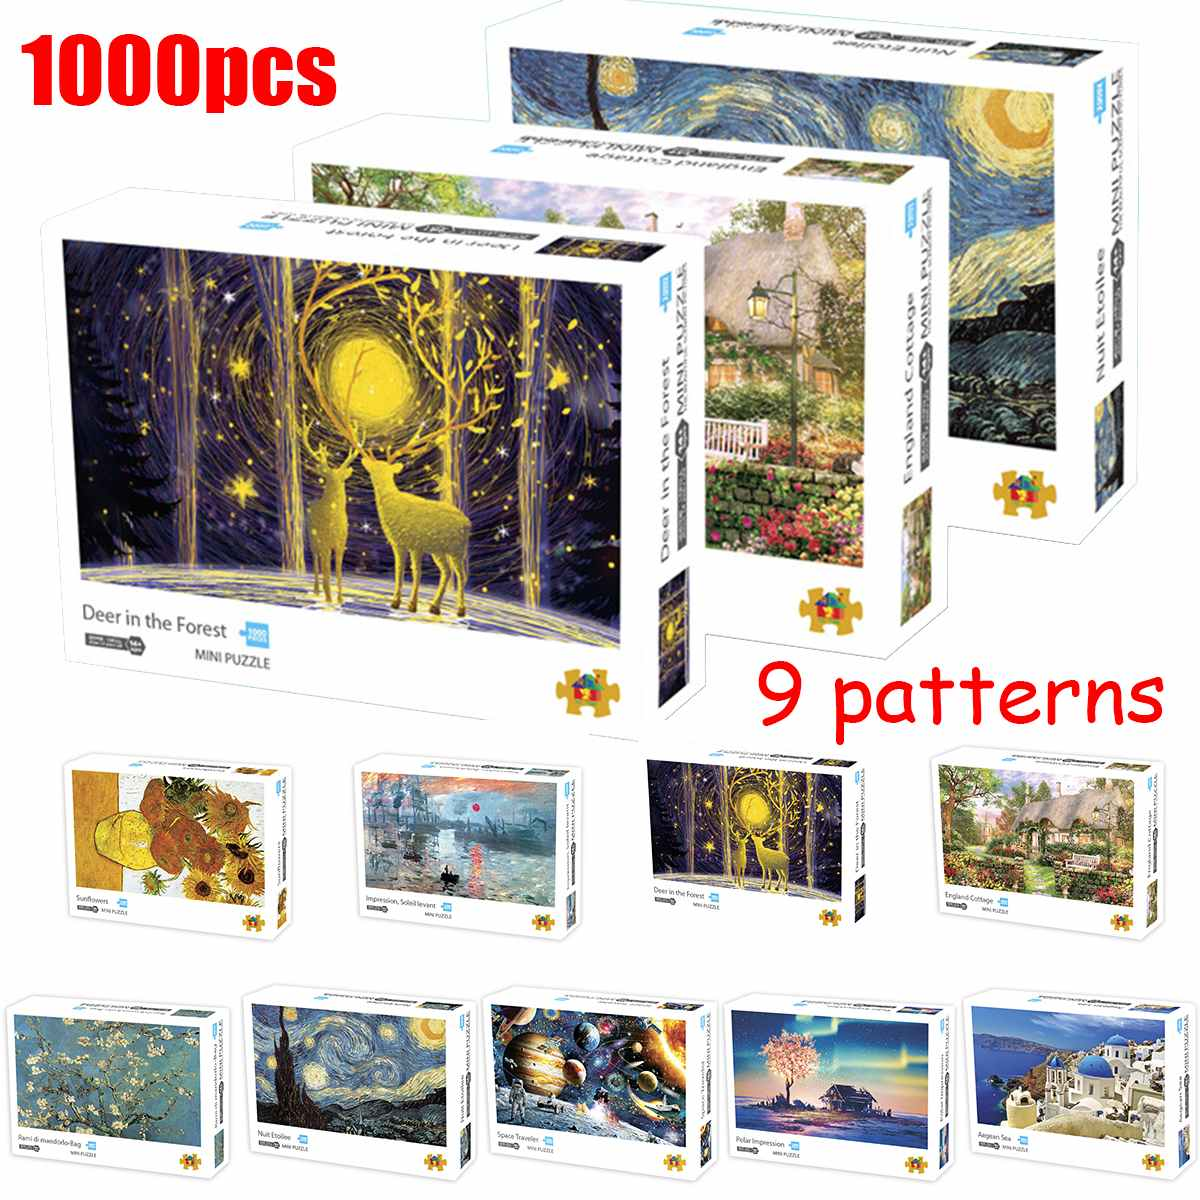 Quebra-cabeça quebra-cabeças paisagem imagem mini 1000 peças quebra-cabeça de brinquedo para adultos crianças brinquedos educativos jogos bonito presente